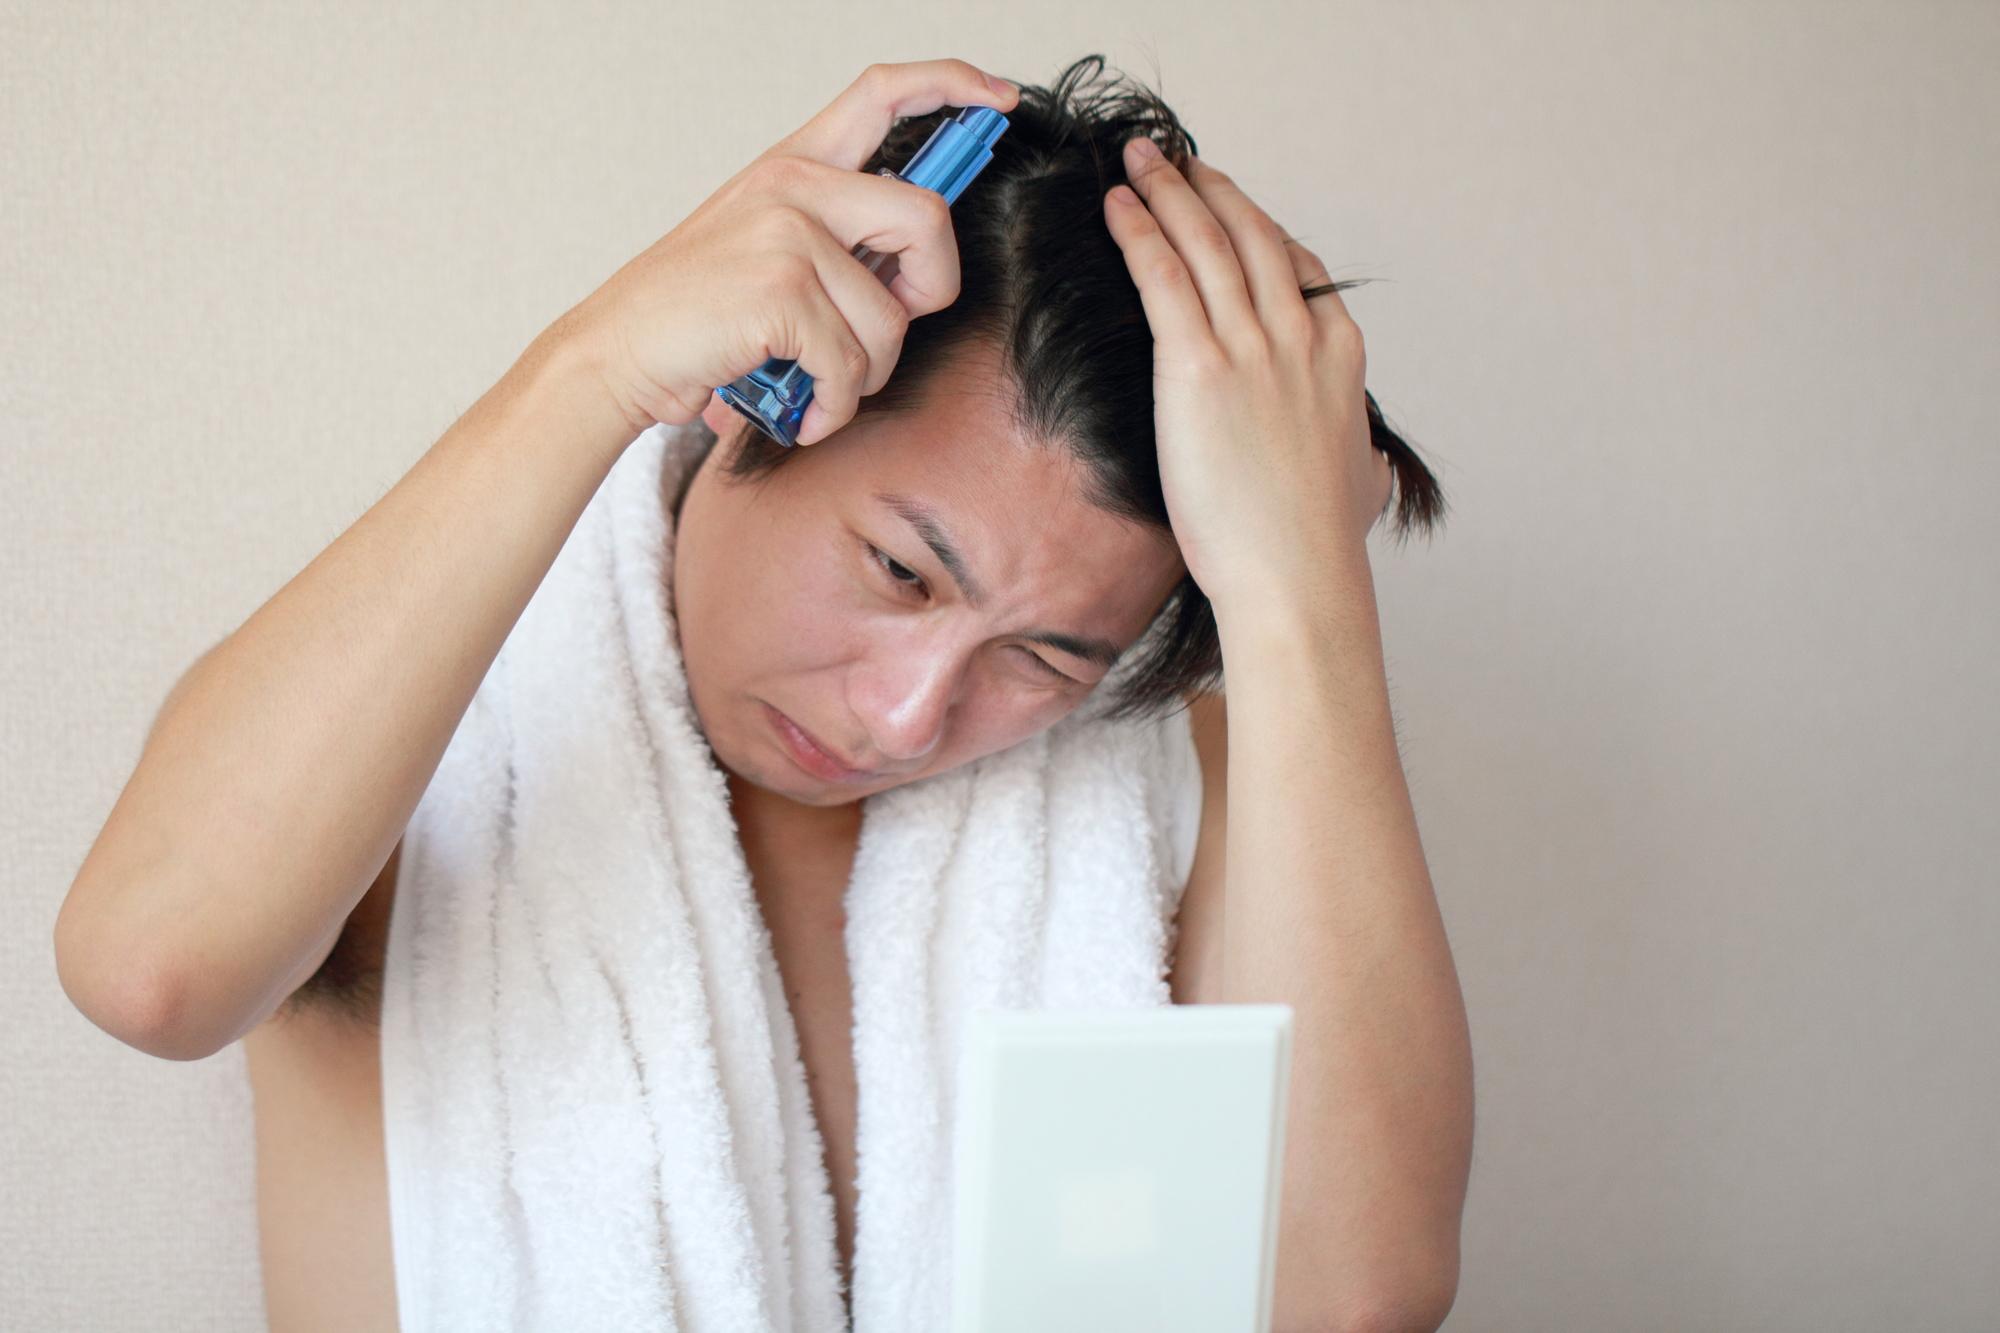 育毛剤の効果と副作用はどんなもの?副作用対策まとめ